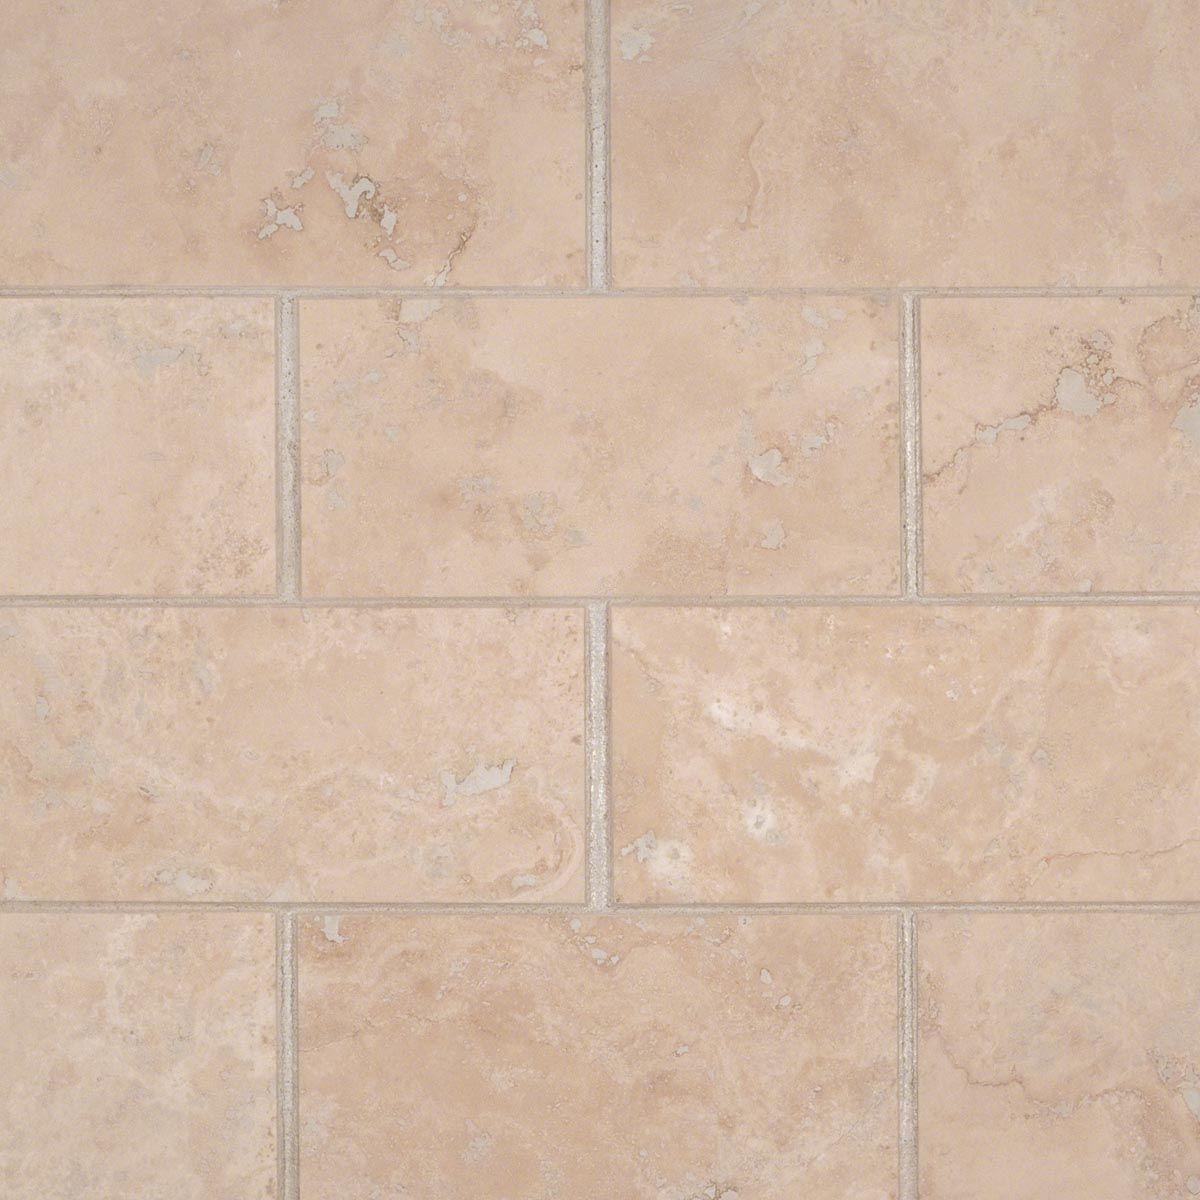 Durango cream subway tile honed 4x12 ideas for the house durango cream subway tile honed 4x12 doublecrazyfo Images